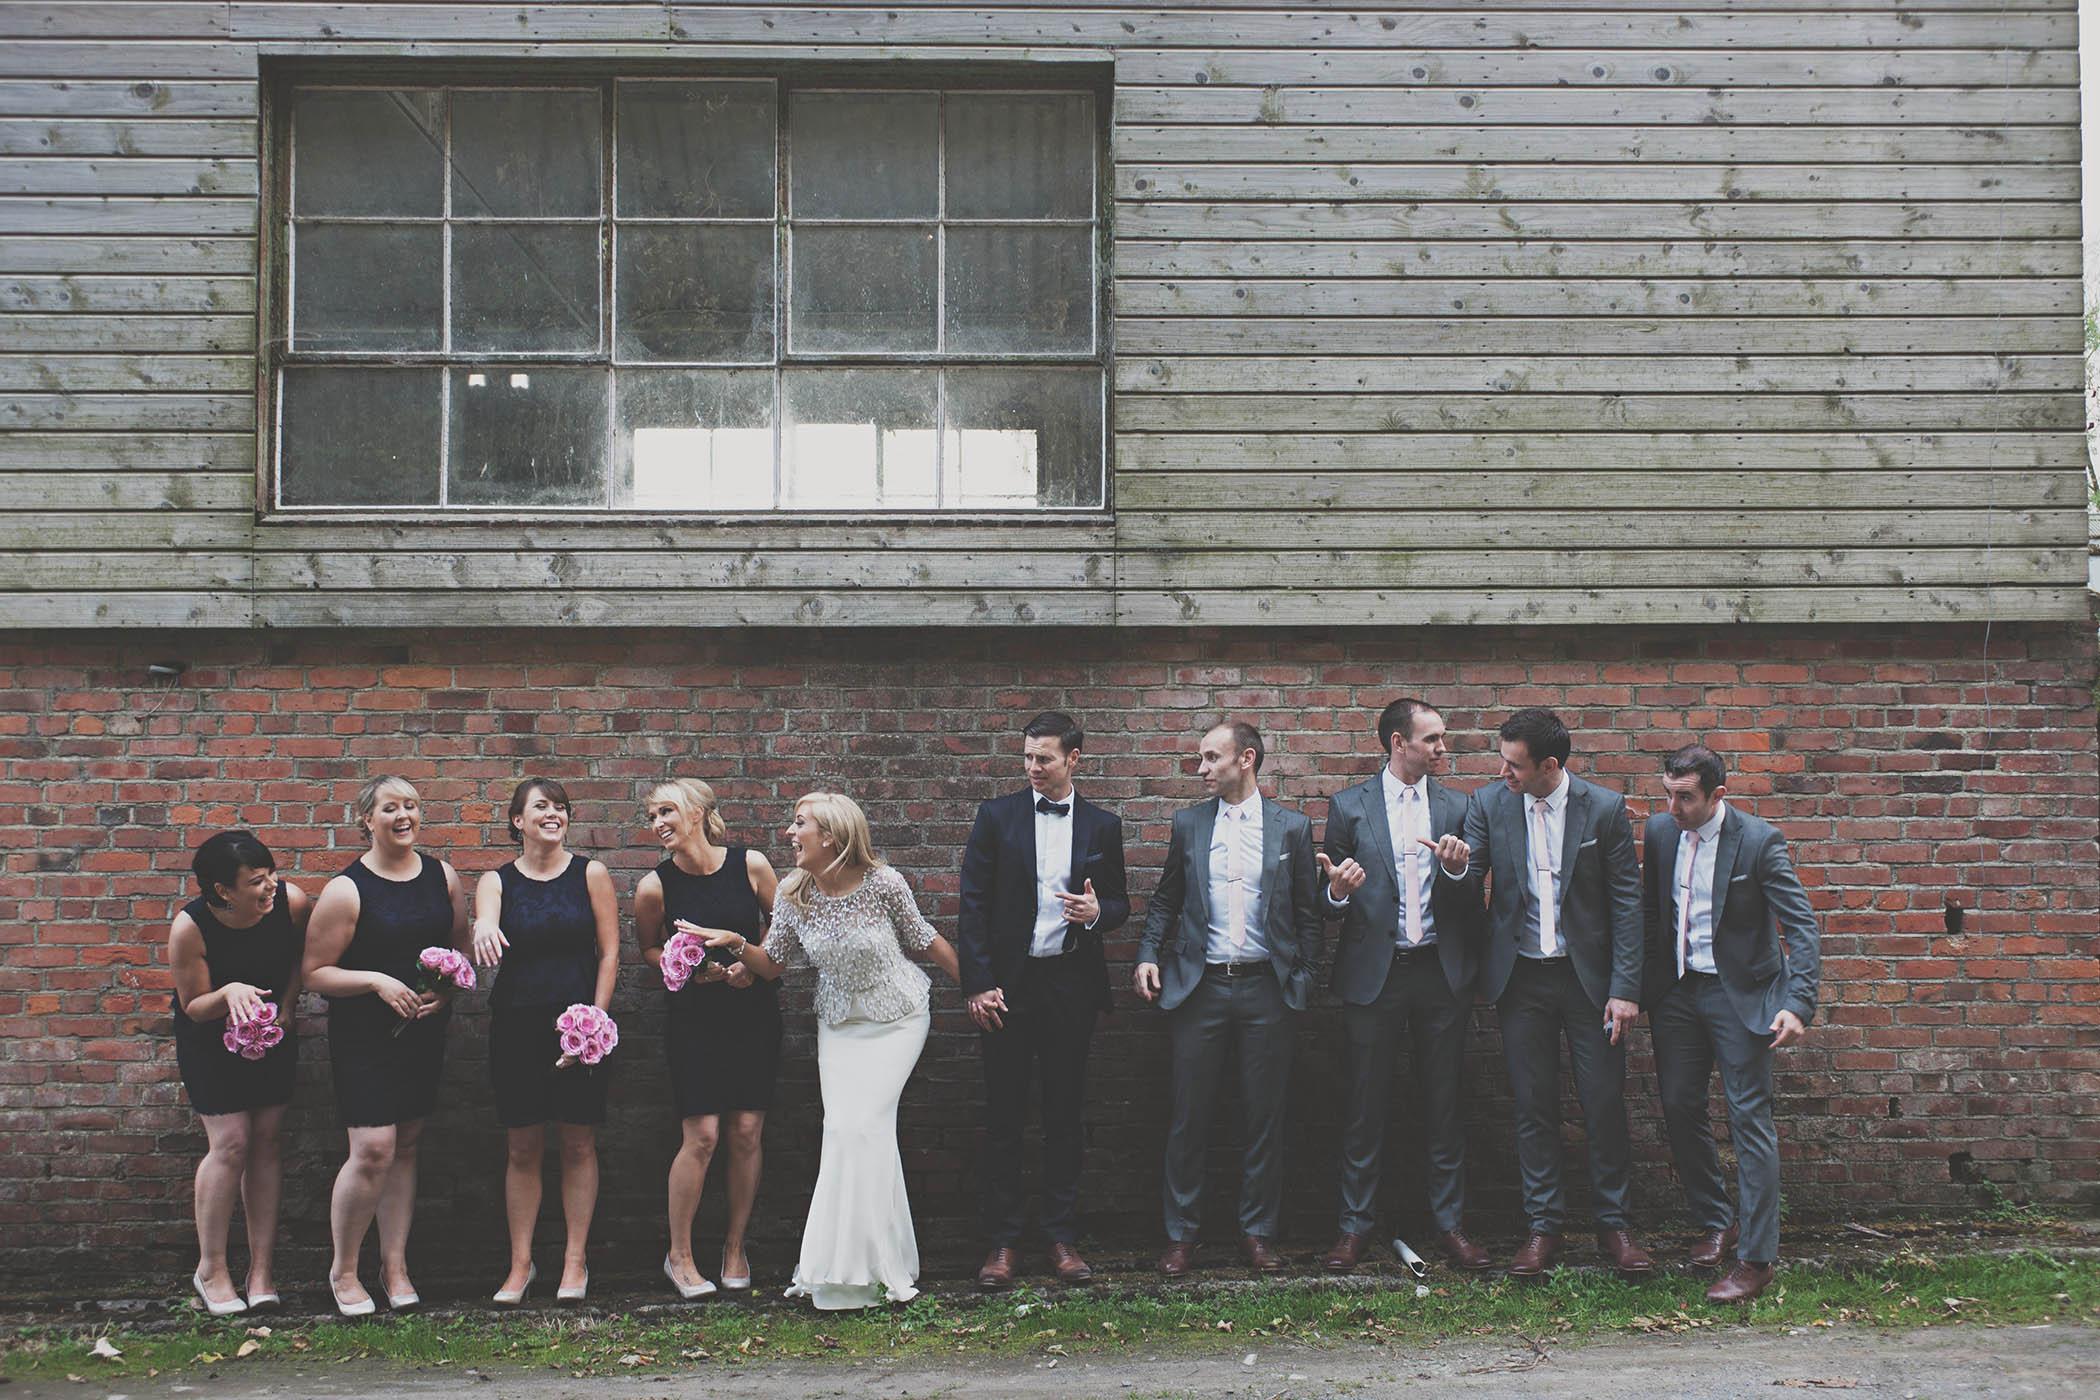 Millhouse, Slane Wedding group shot by Fionn McCann